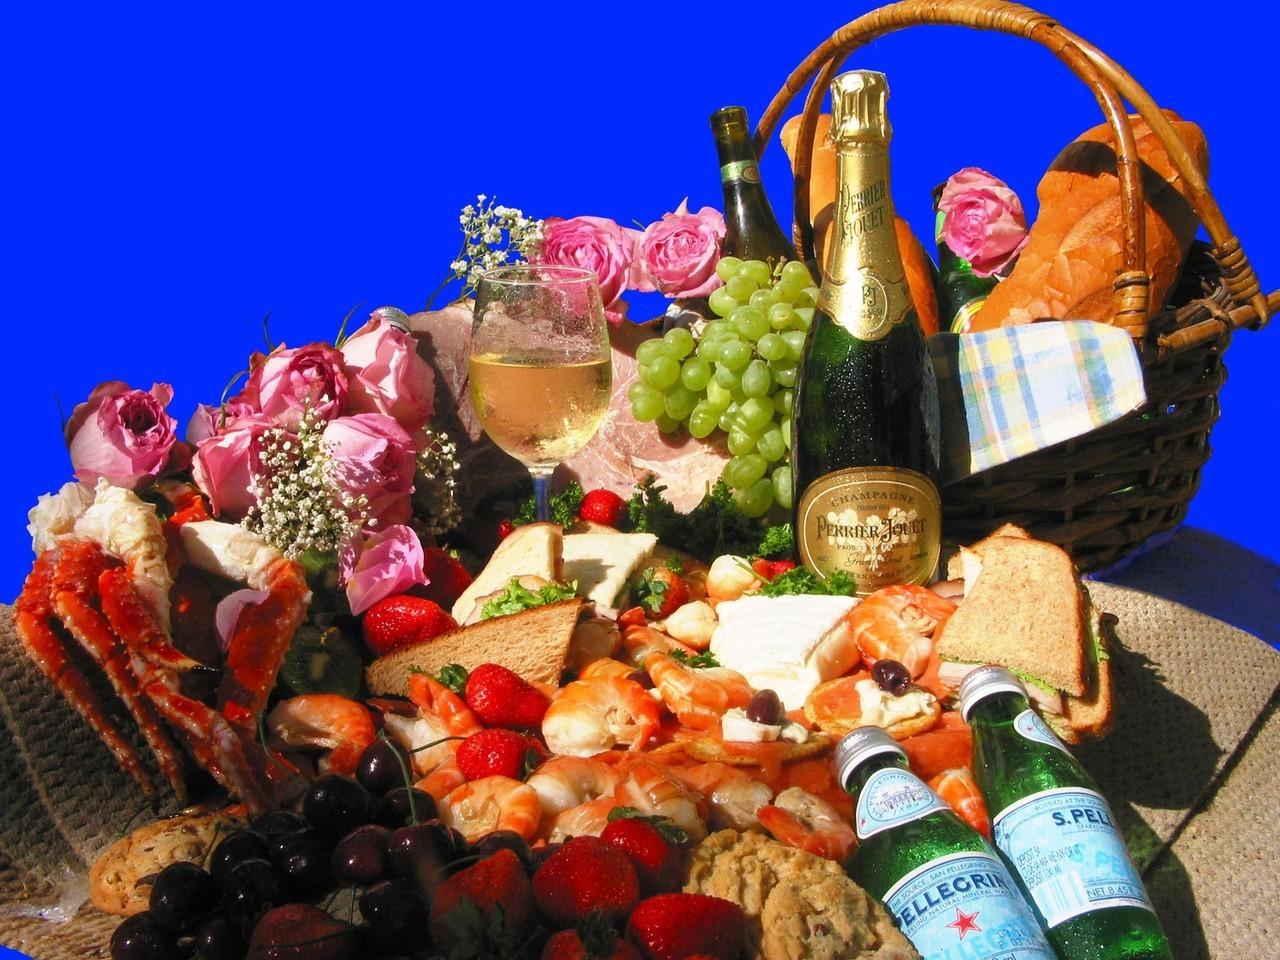 Wielkanocne desery – mazurki, serniki i baby